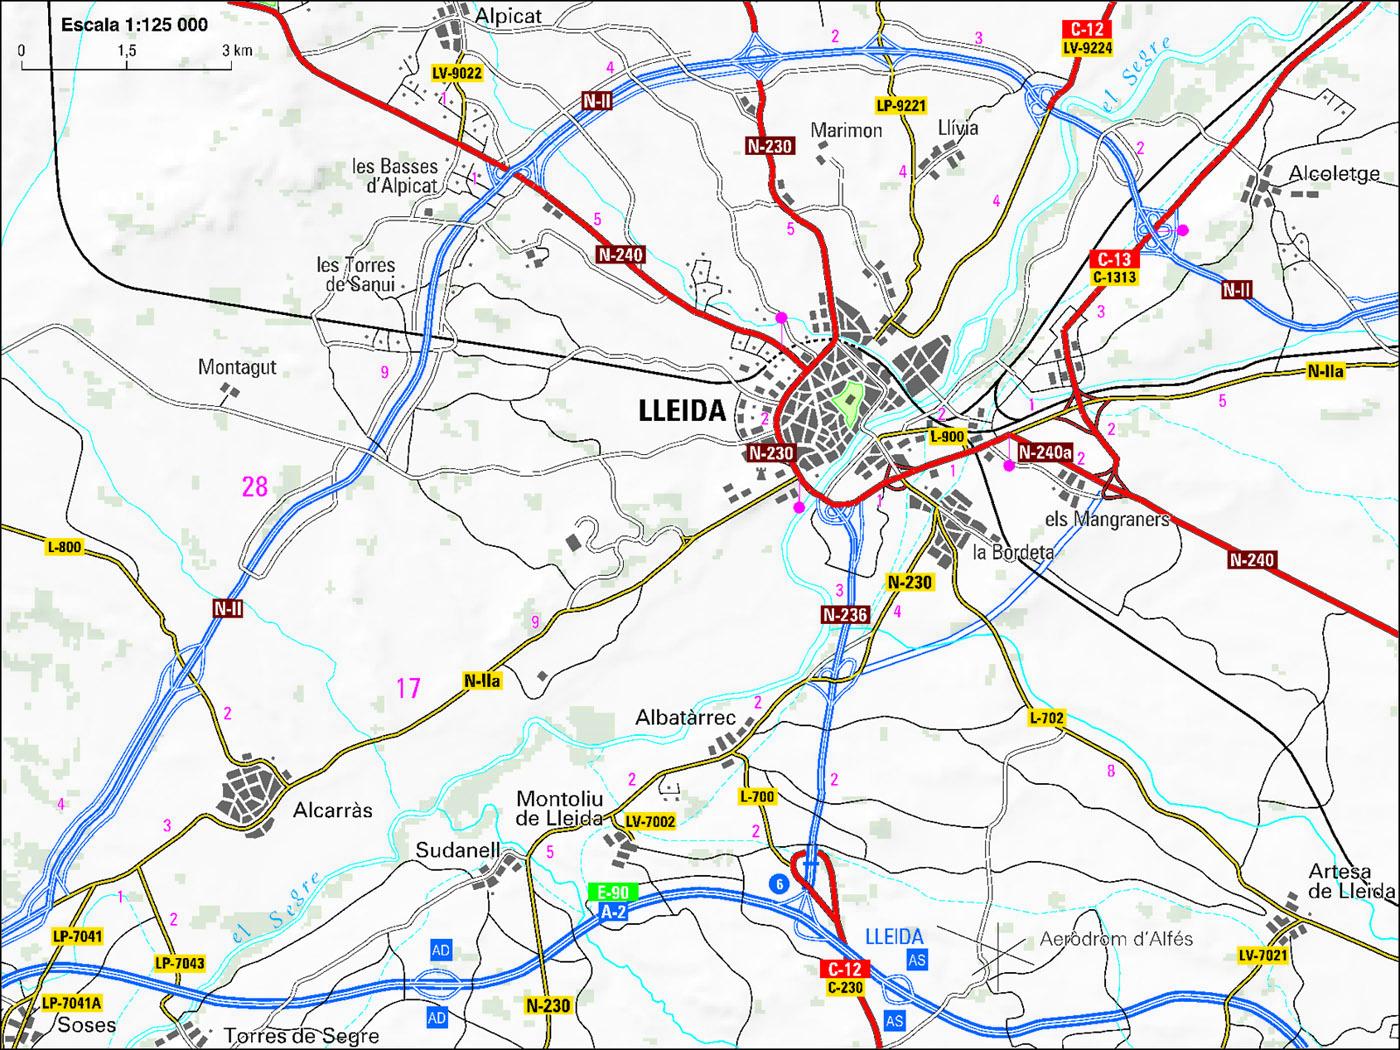 Mapa de accesos a Lérida